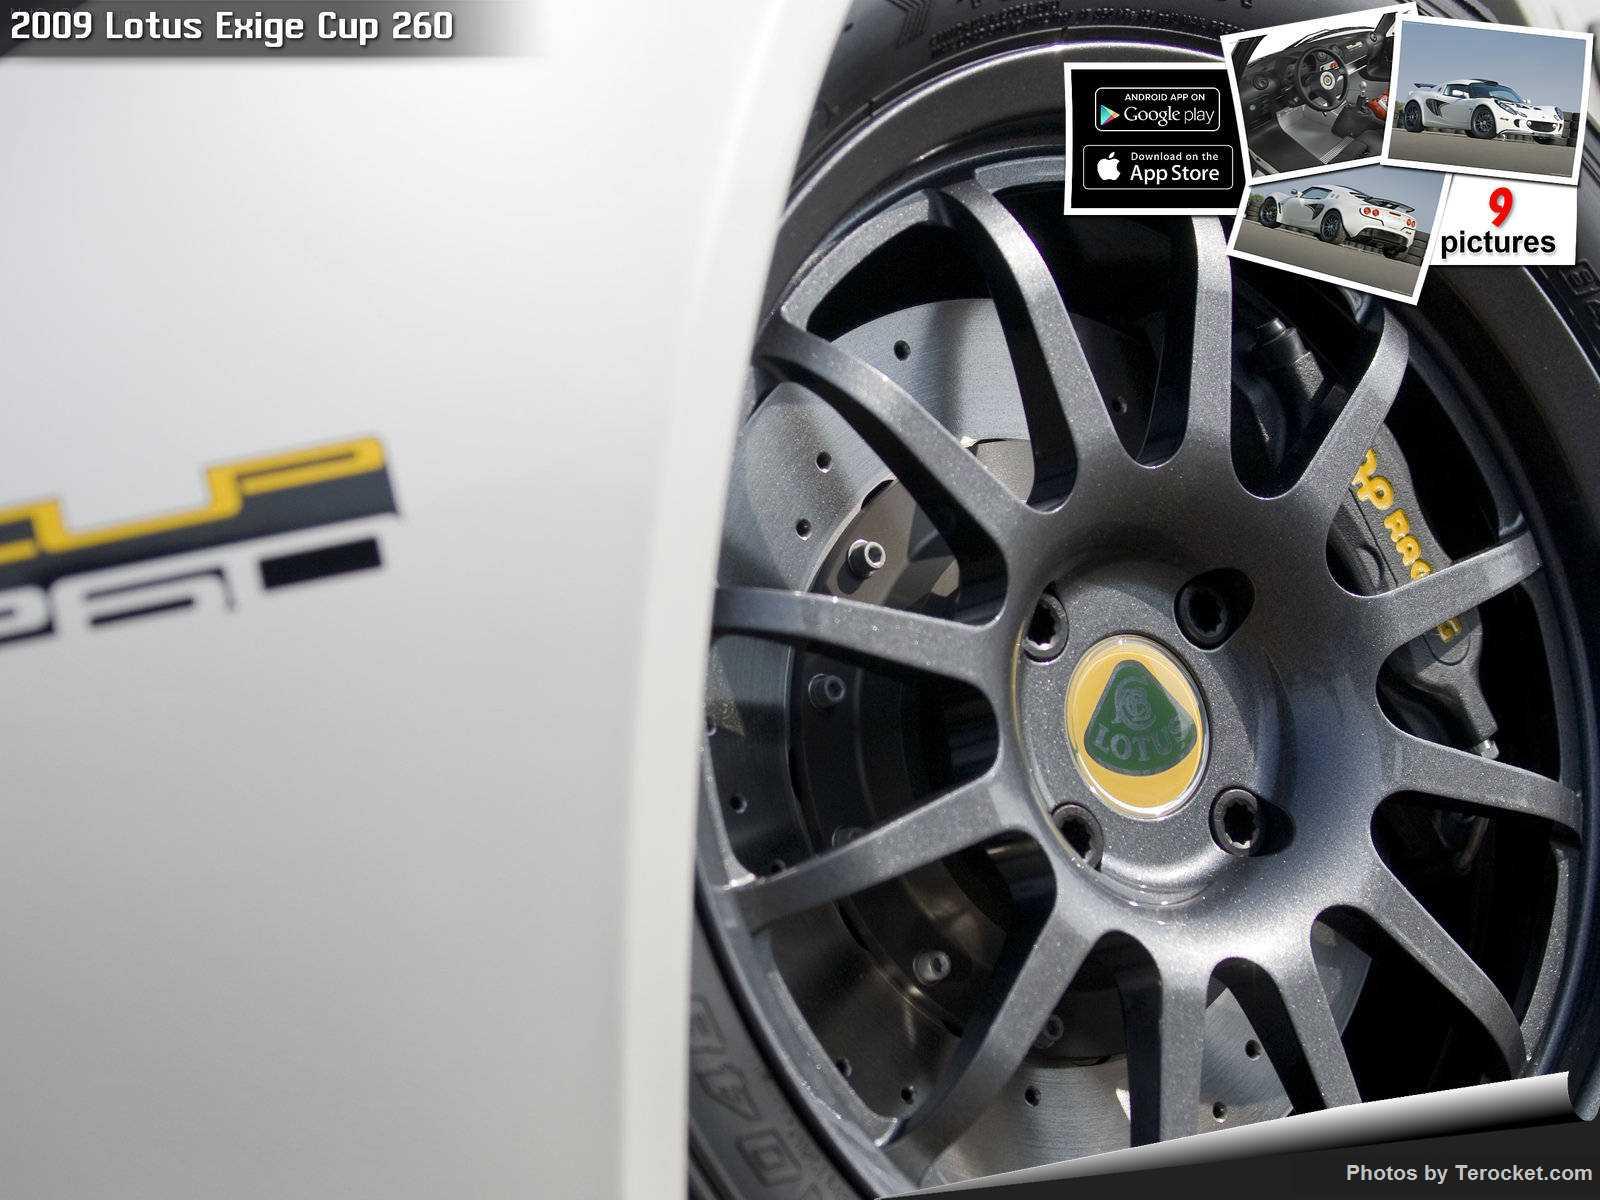 Hình ảnh siêu xe Lotus Exige Cup 260 2009 & nội ngoại thất